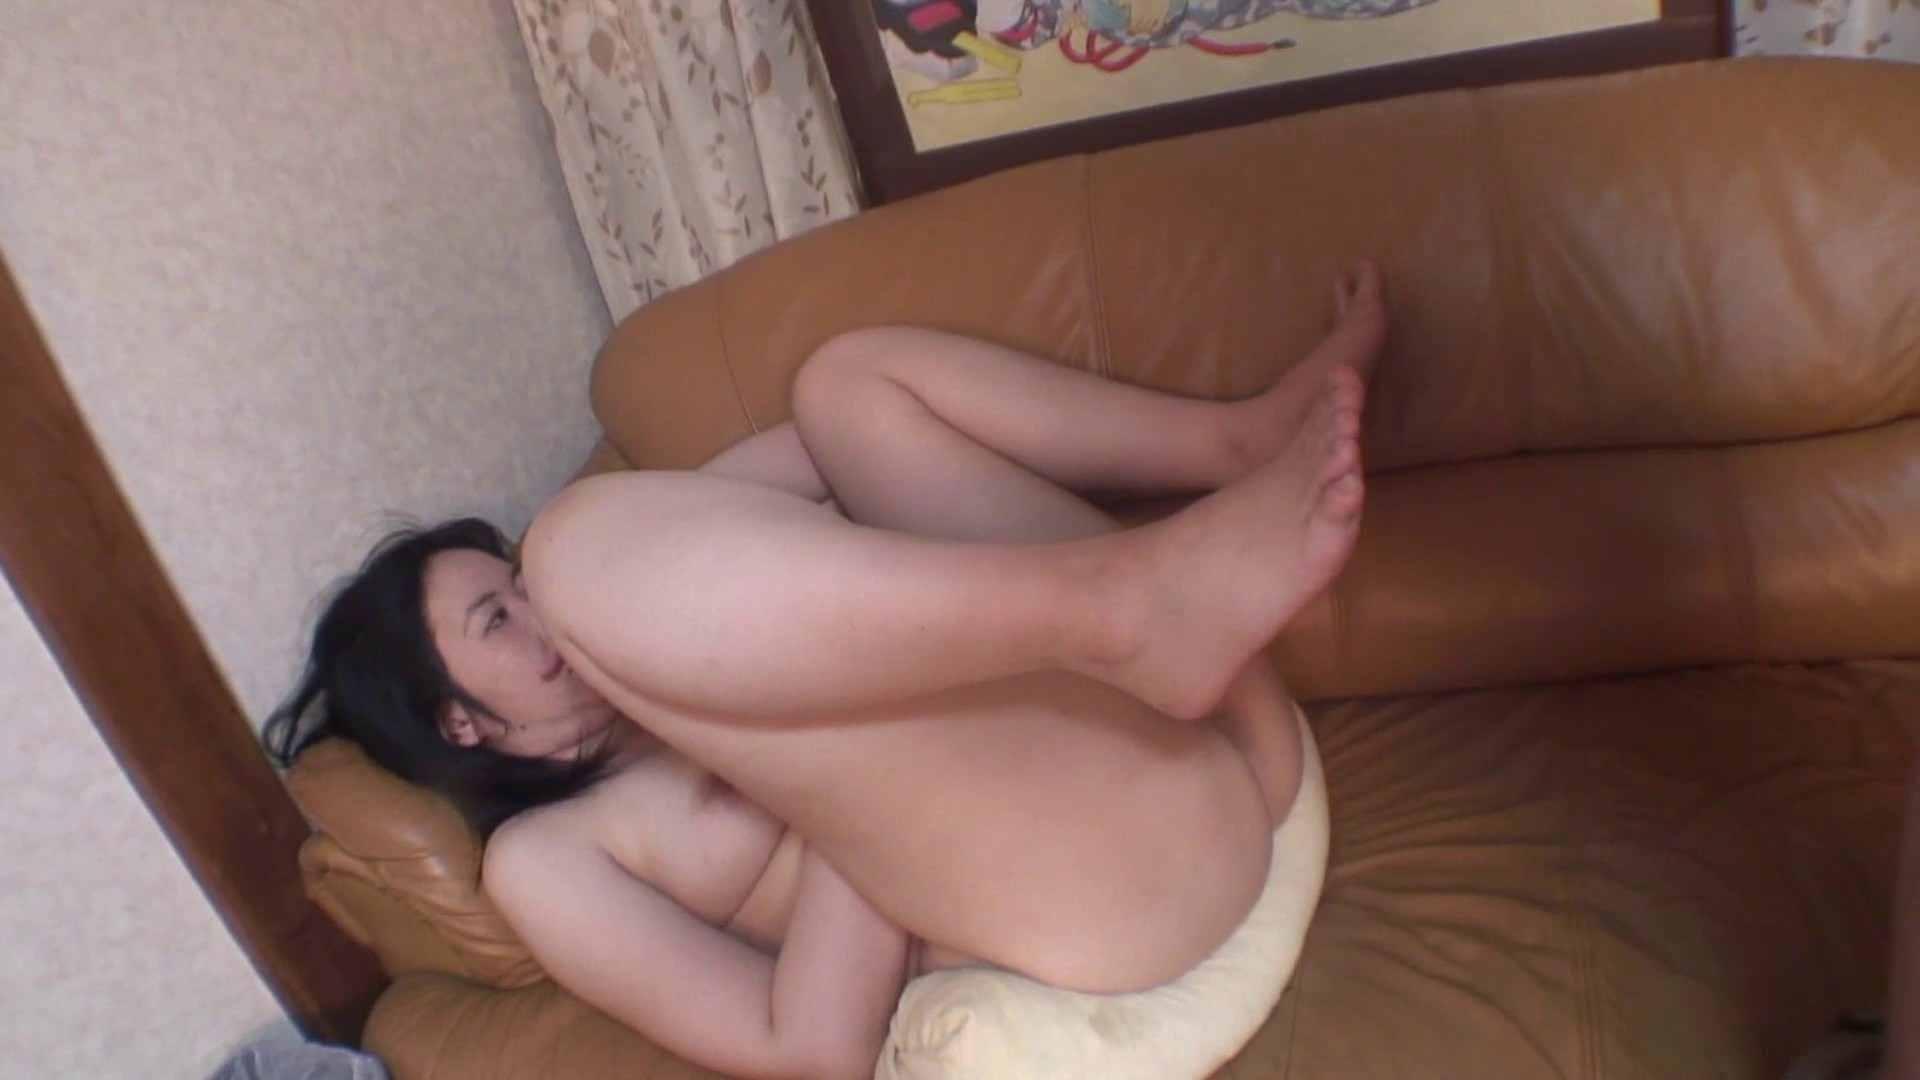 鬼才沖本監督 ドSな女 フェラ | 高画質  25画像 21